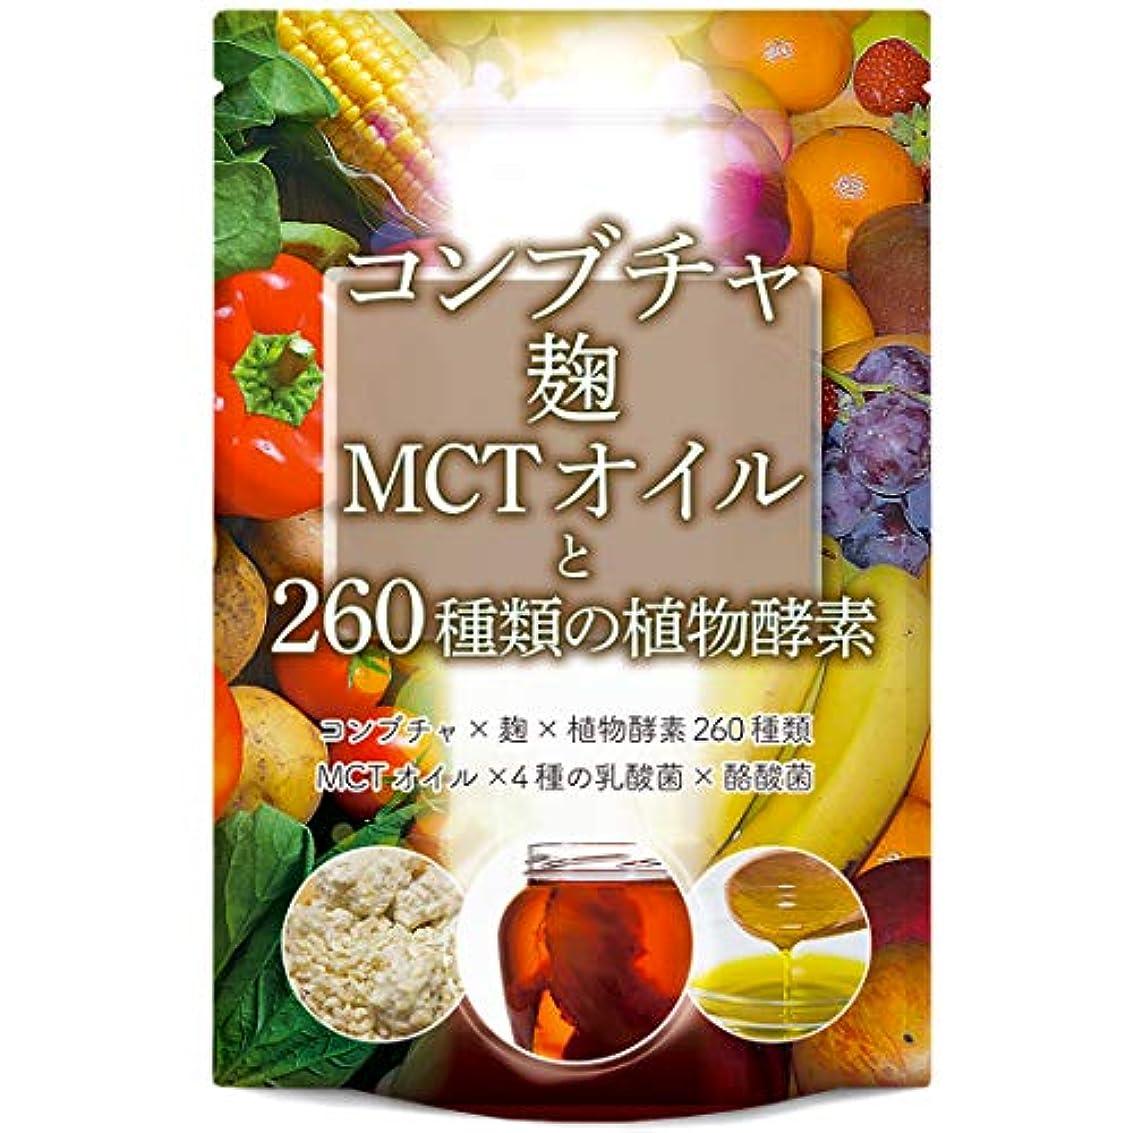 哀道徳教育してはいけませんコンブチャ 麹 MCTオイル 260種類の植物酵素 ダイエット サプリメント 30粒 30日分